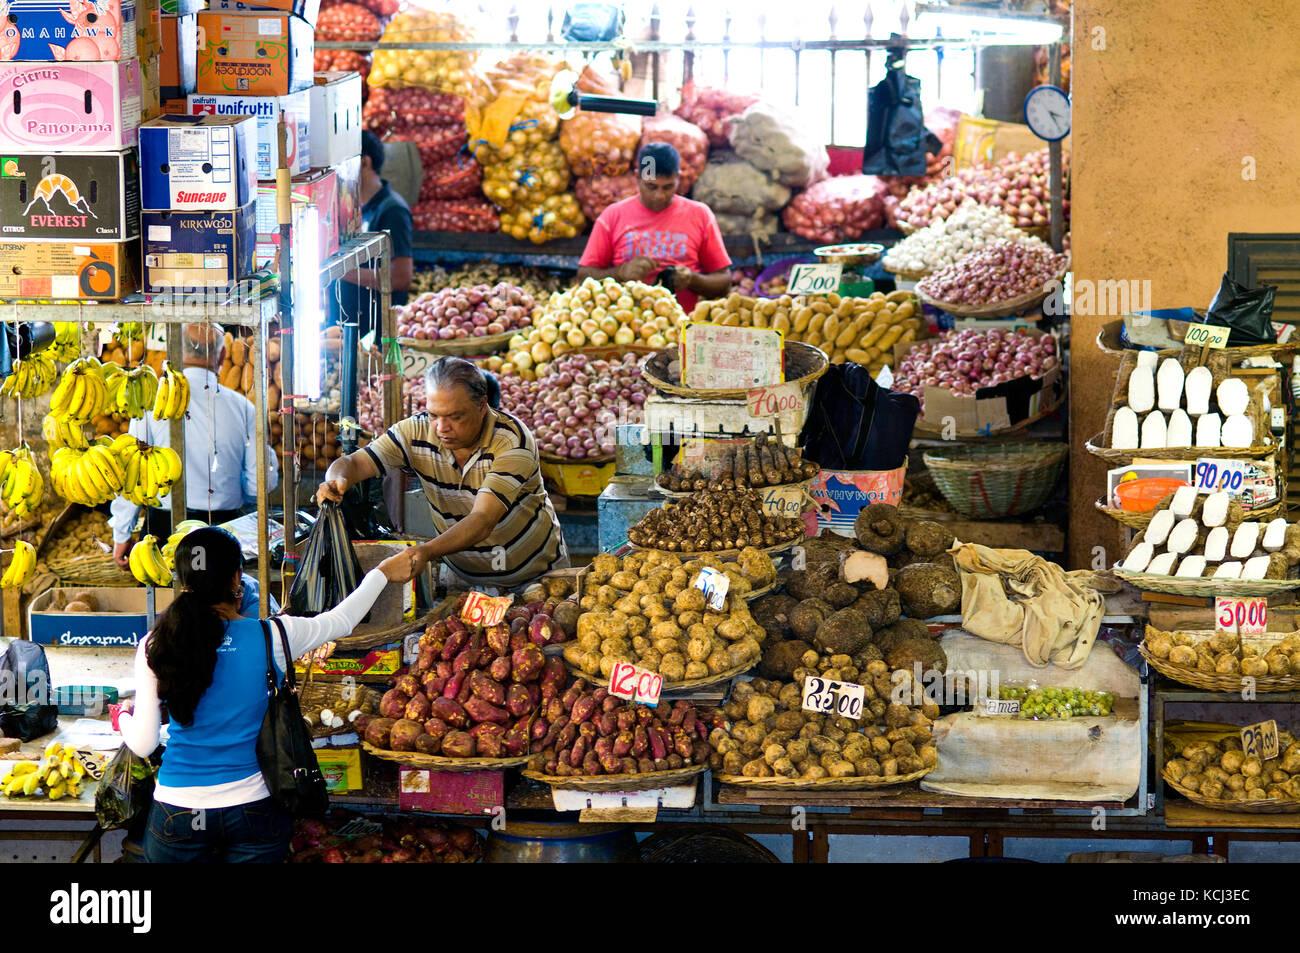 Central port louis stock photos central port louis stock images alamy - Mauritius market port louis ...